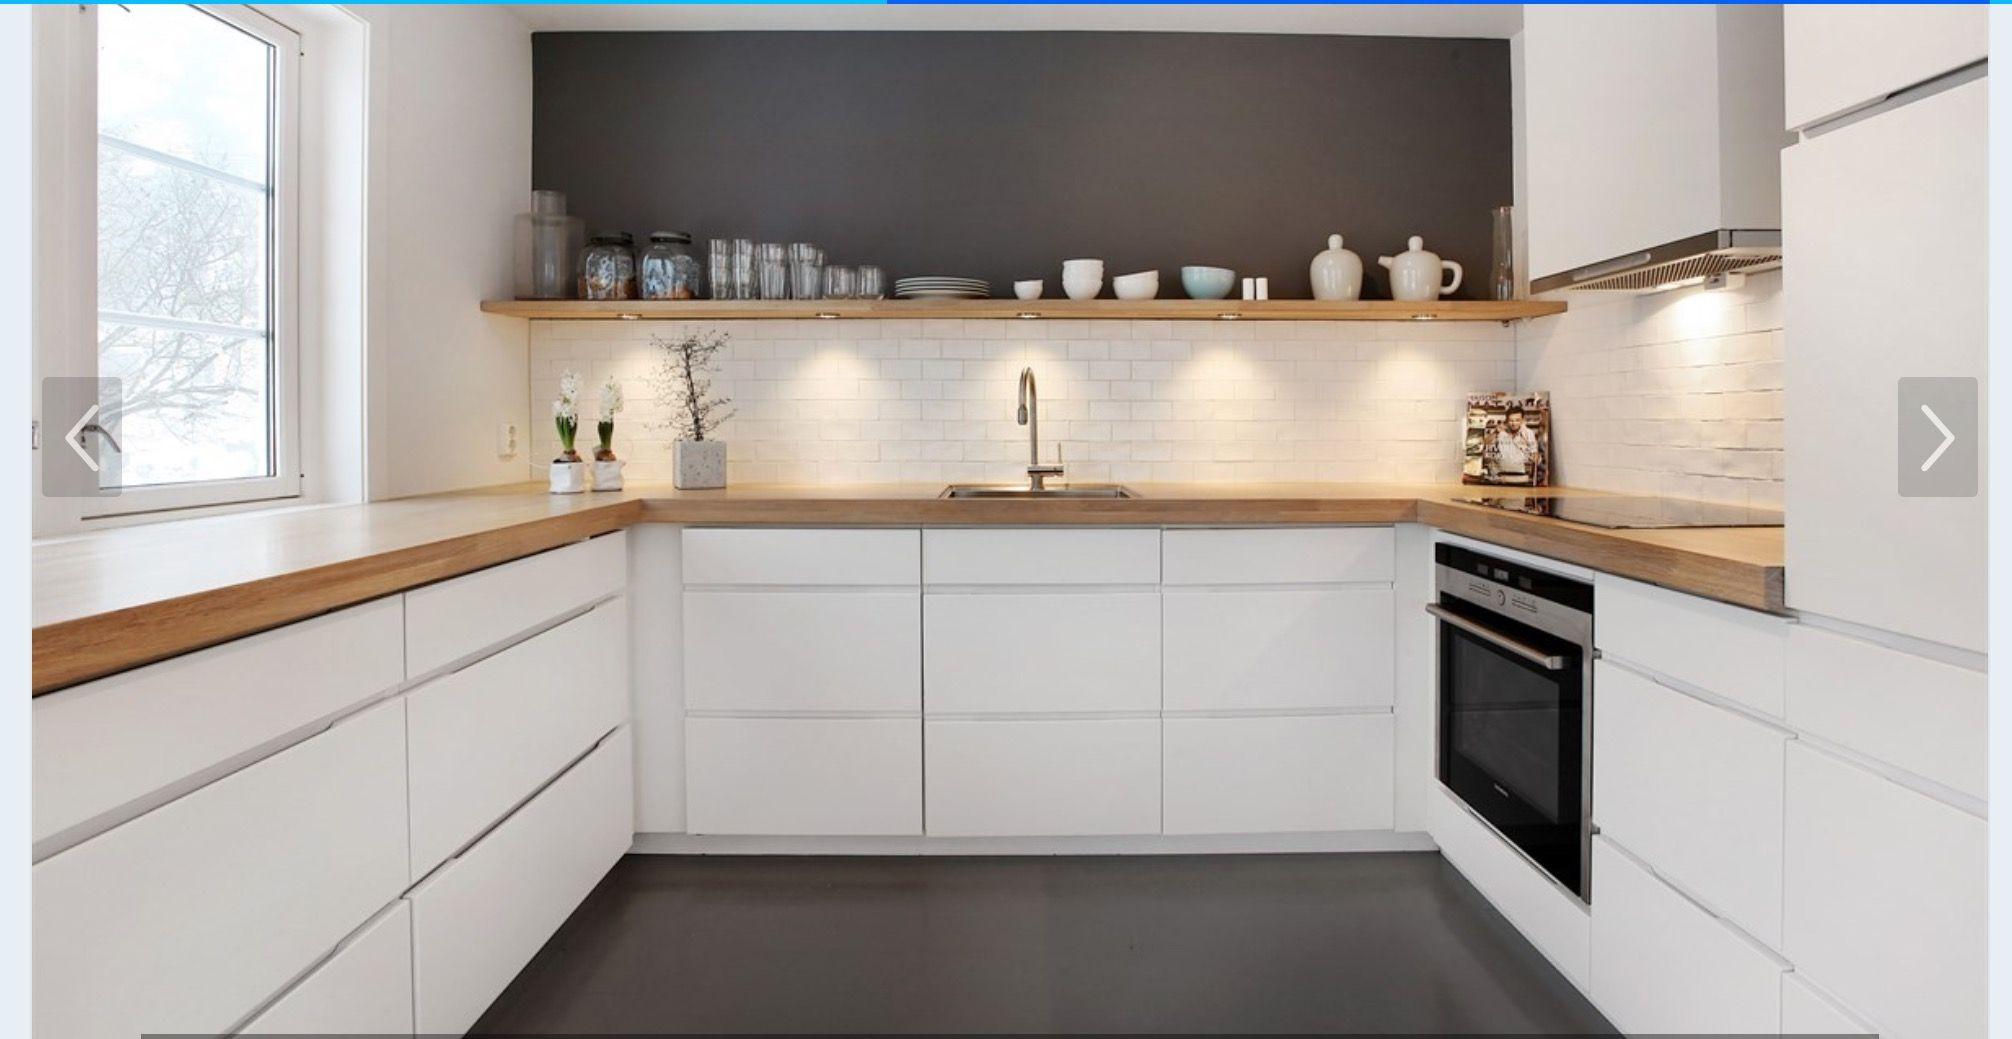 Pin von Roberta Massey auf remodel | Pinterest | Küche und Wohnen